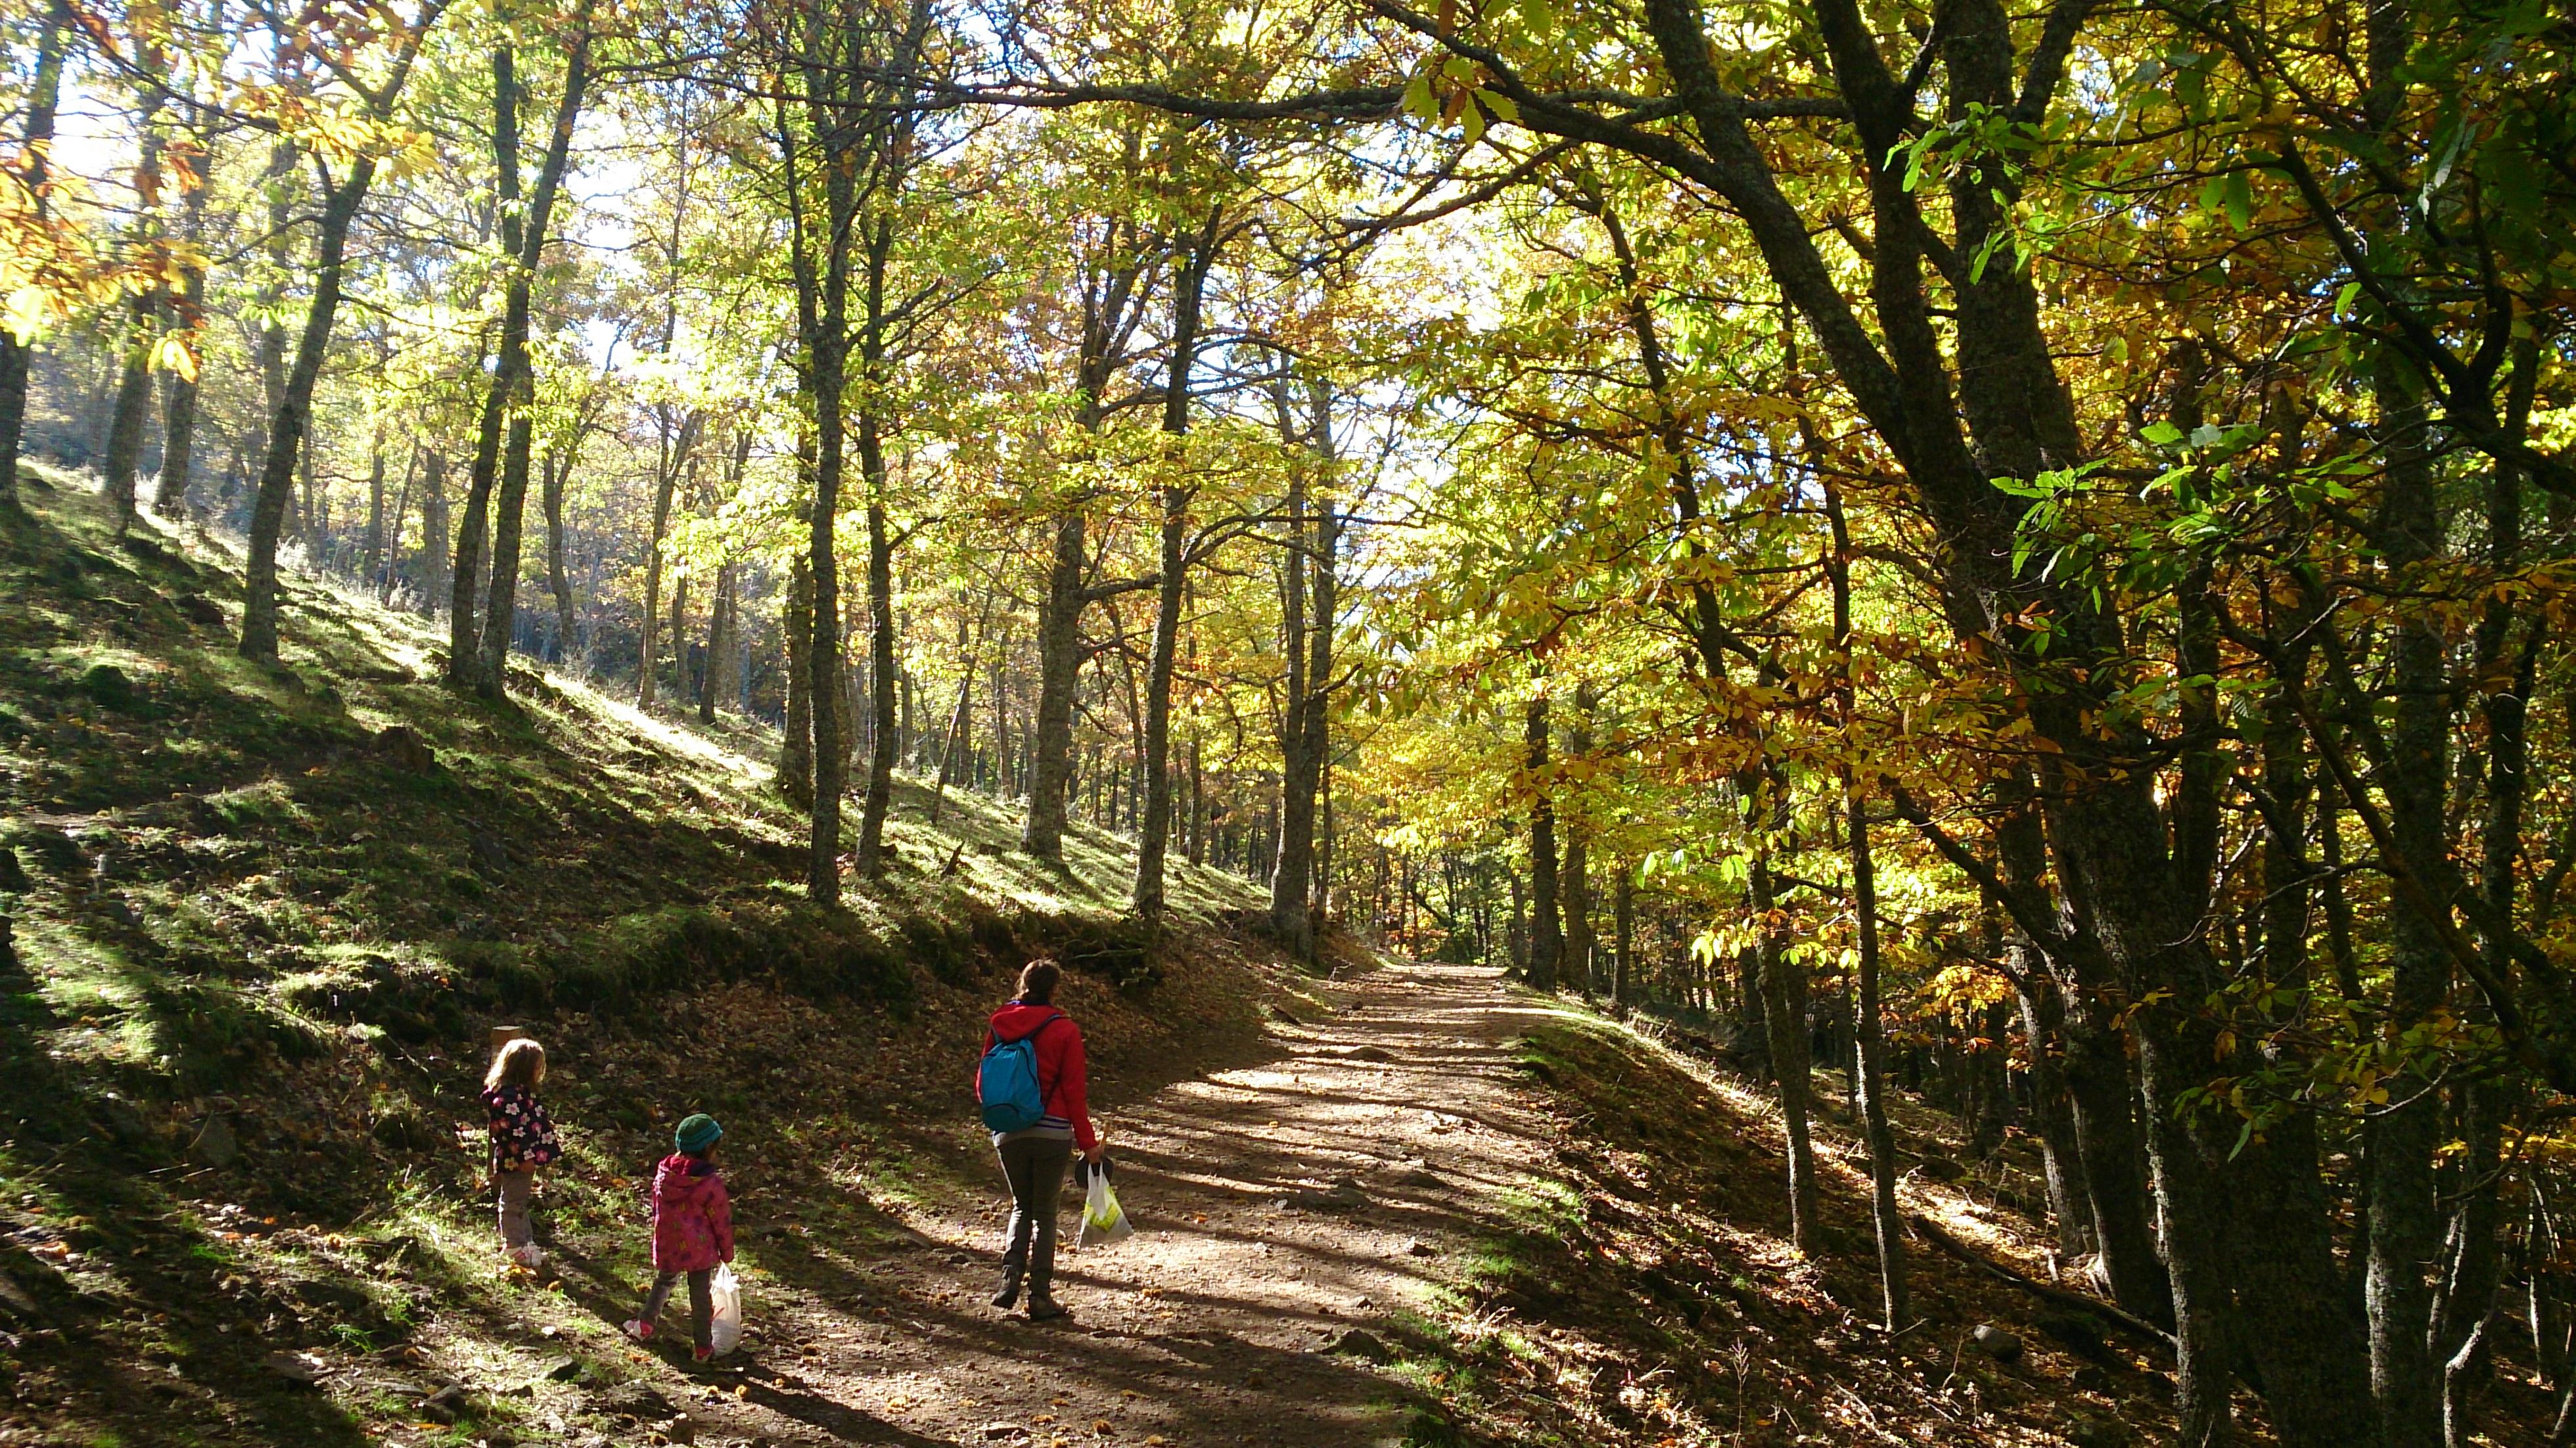 Ruta al Castañar del Tiemblo con niños. Ávila. ©José Ramón Aguirre